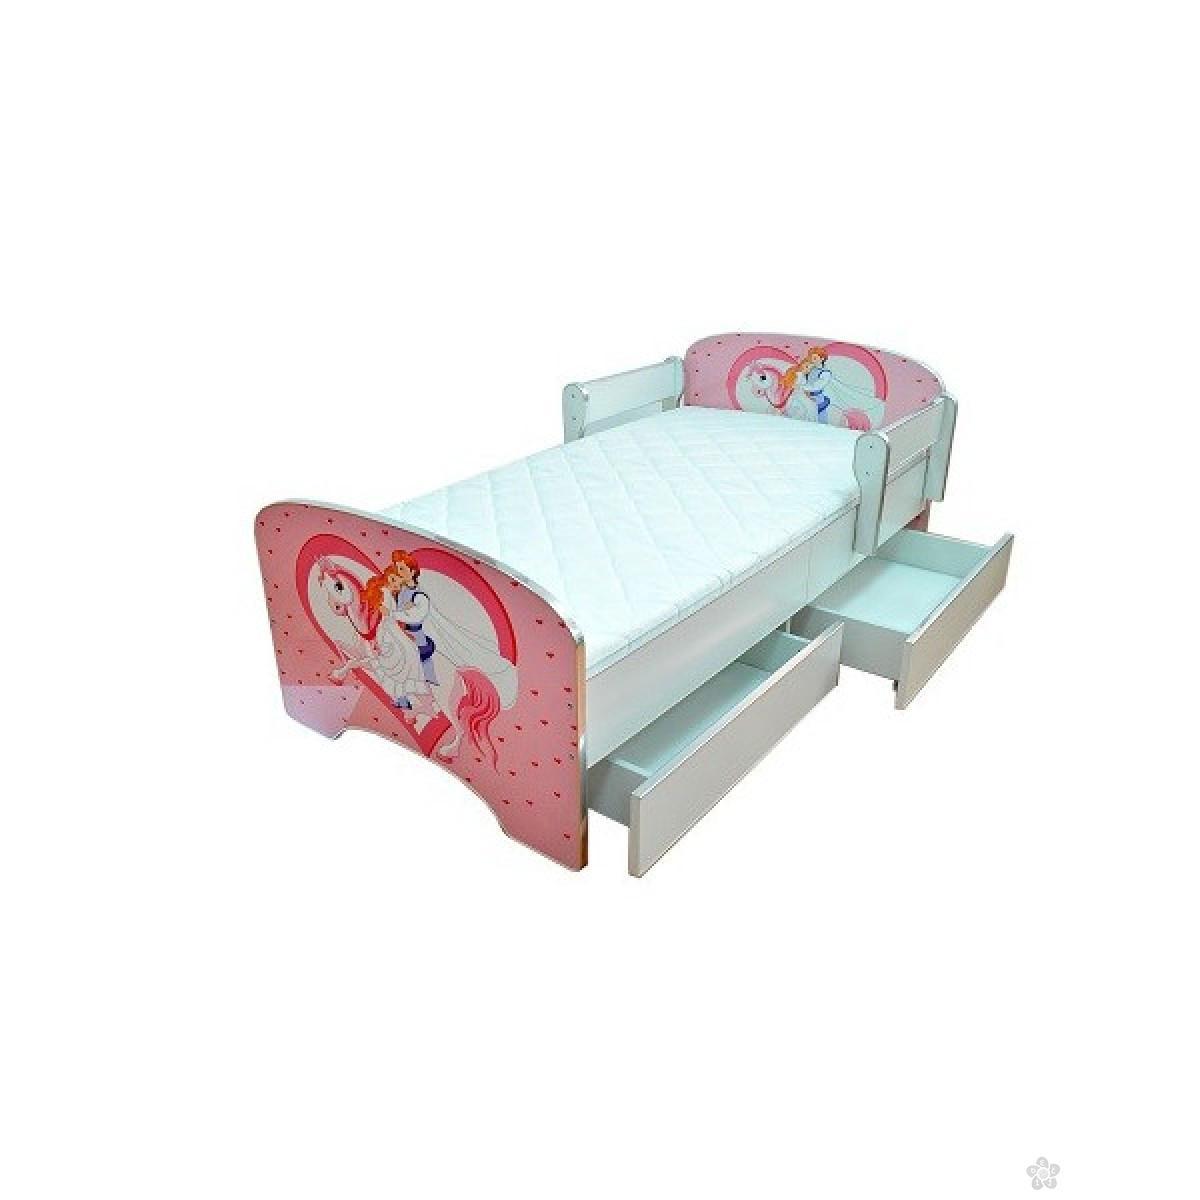 Krevet sa fiokom, Princess model 803